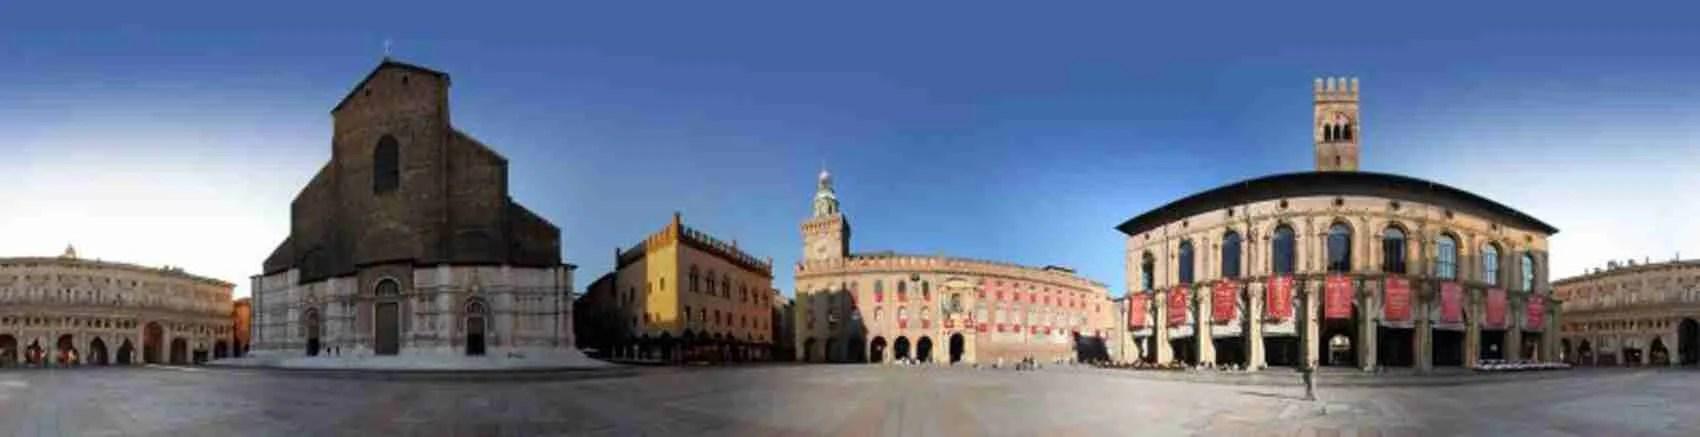 Piazza Maggiore a Bologna è un luogo magico dove passeggiare in compagnia di una escort che soggiorna in città.